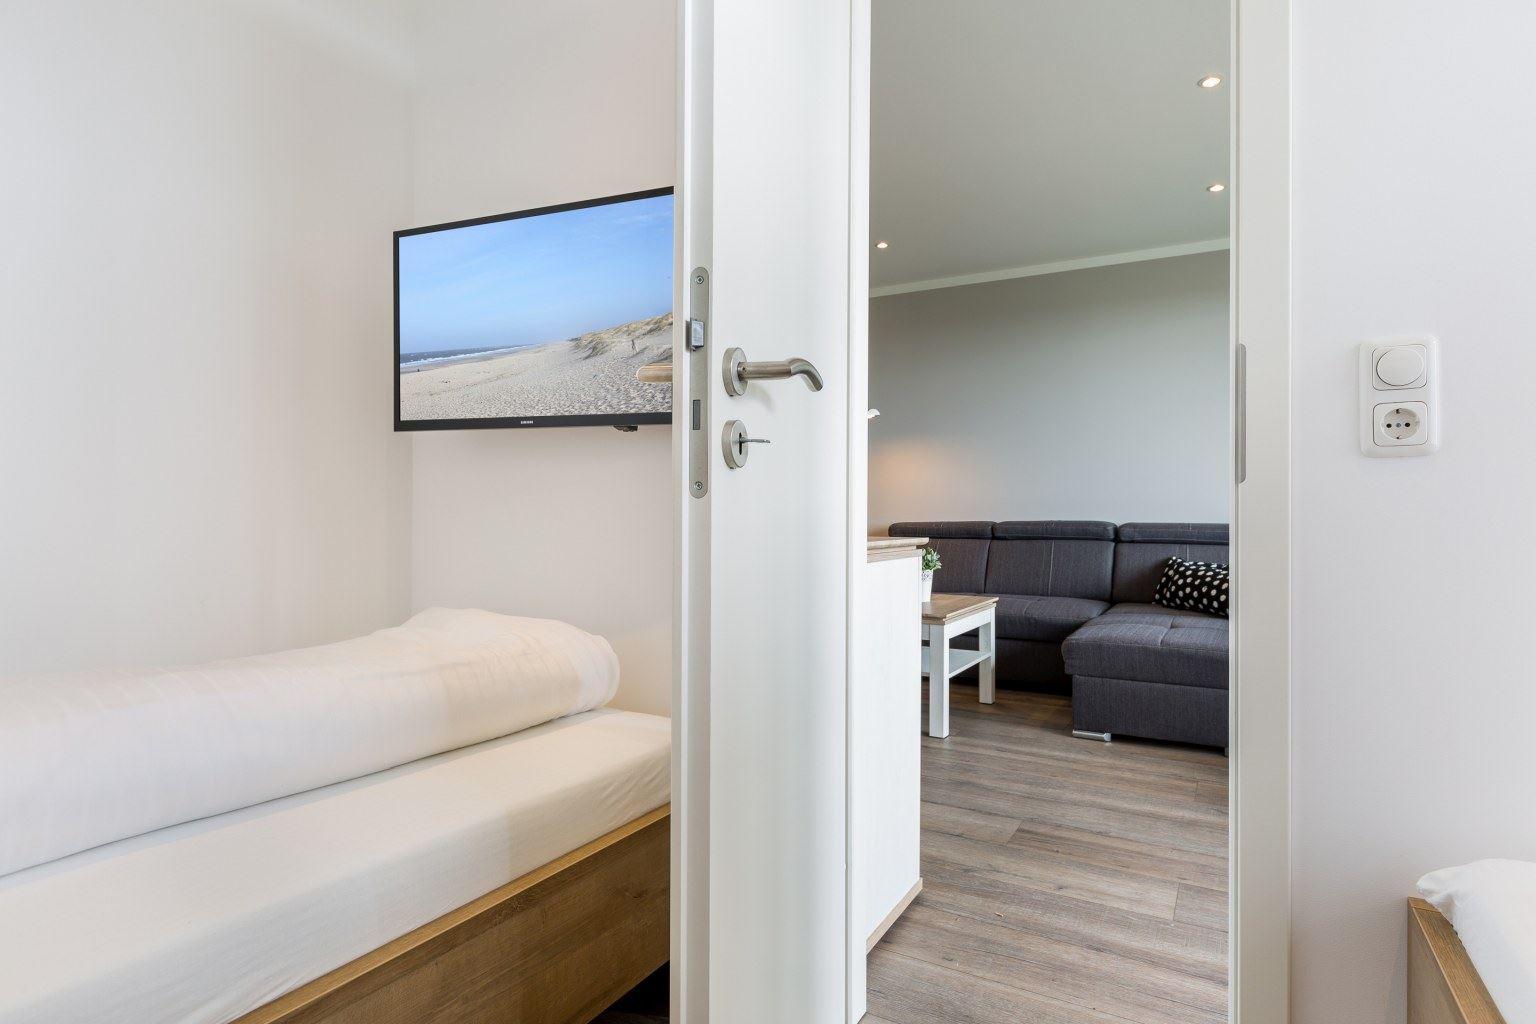 2. Schlafzimmer mit TV